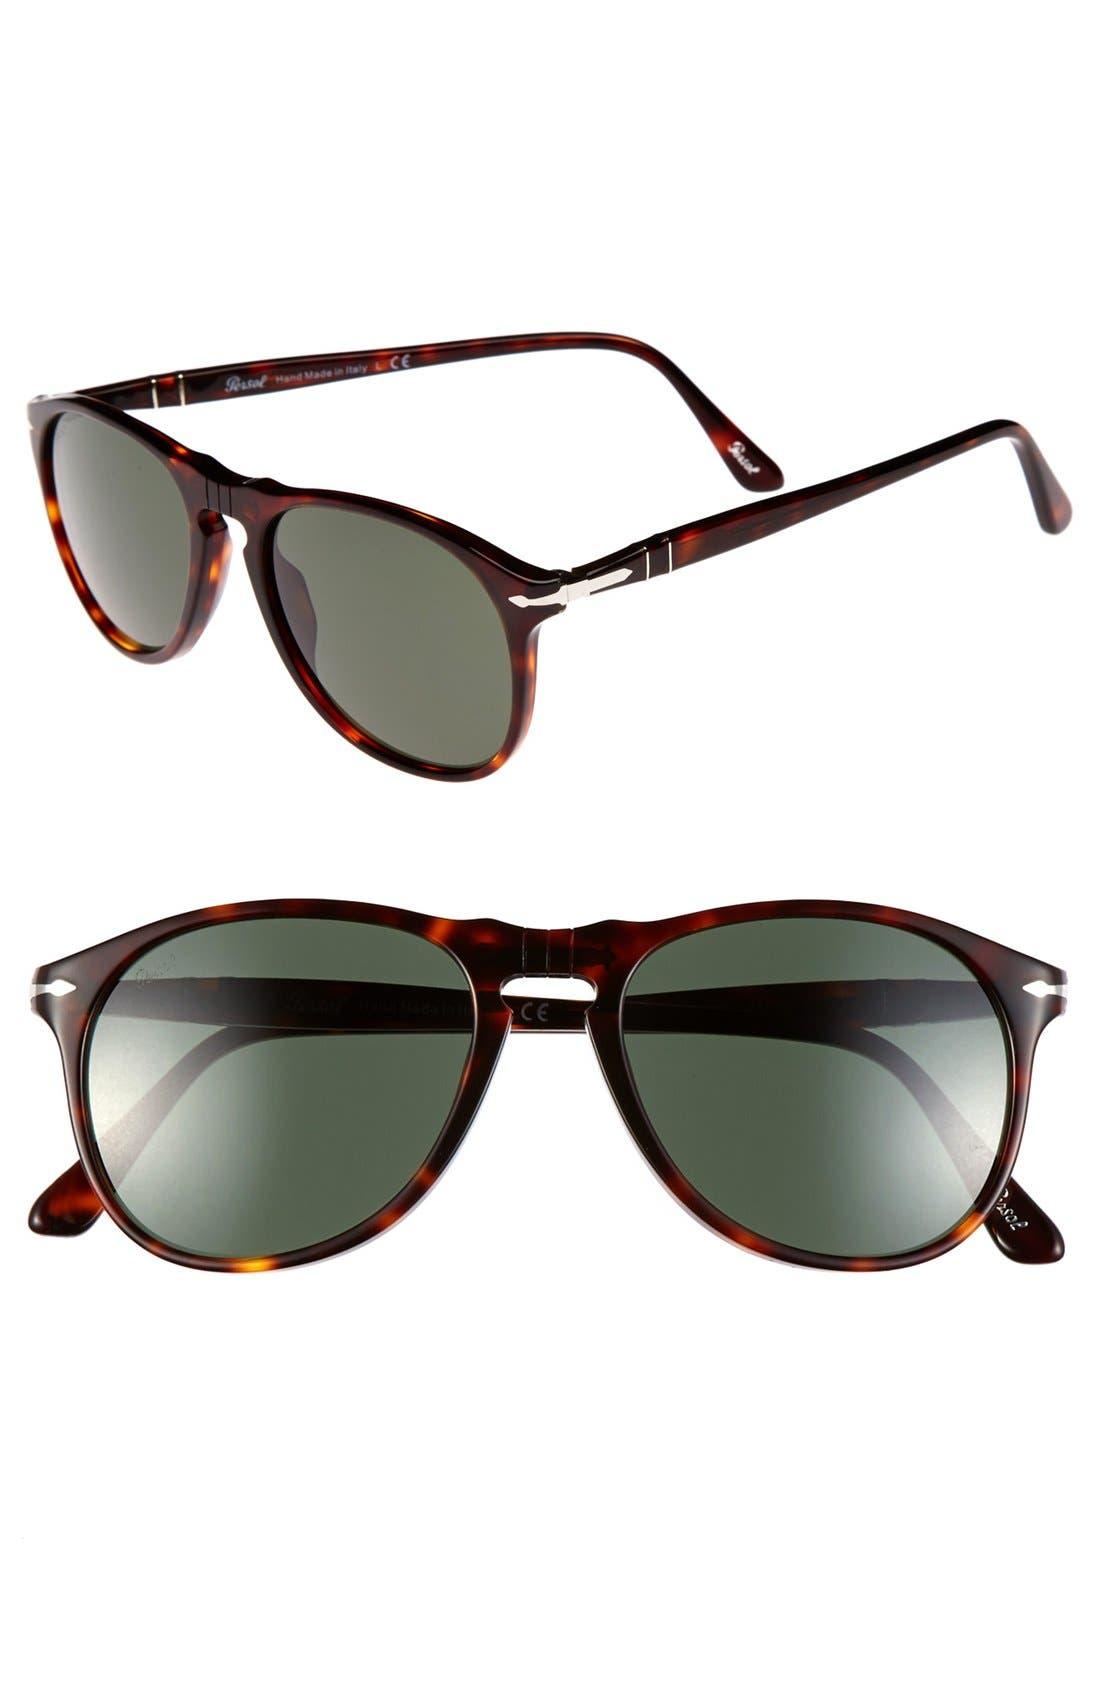 Main Image - Persol 'Suprema' 52mm Sunglasses